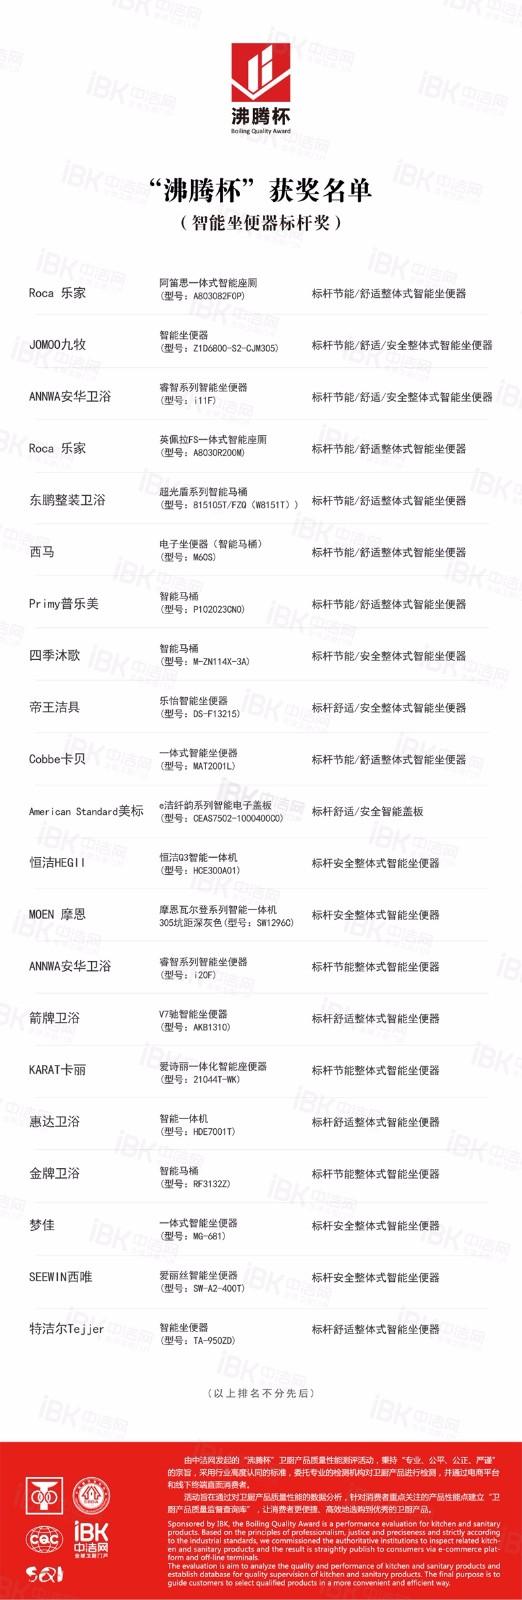 2019沸腾杯-整体式智能坐便器-标杆奖_副本.jpg